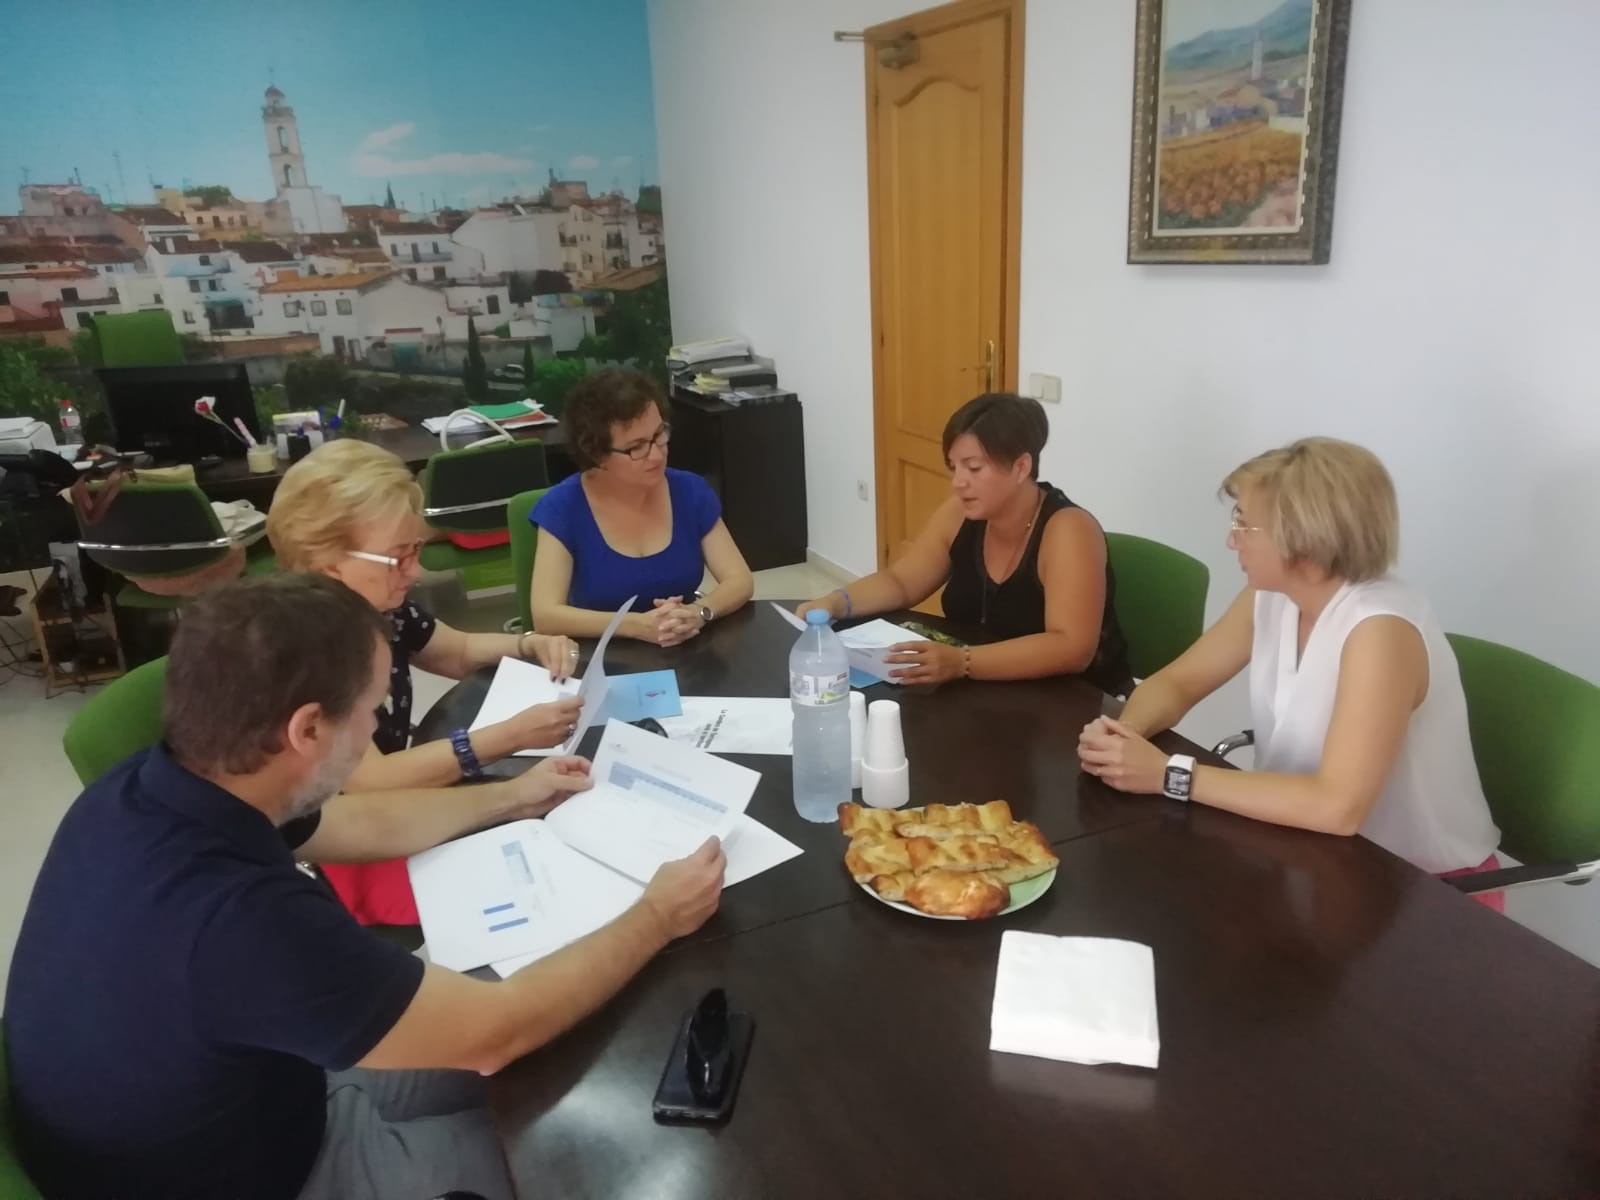 L'Ajuntament de la Bisbal del Penedès i la Cambra de Comerç treballen en nous projectes conjunts